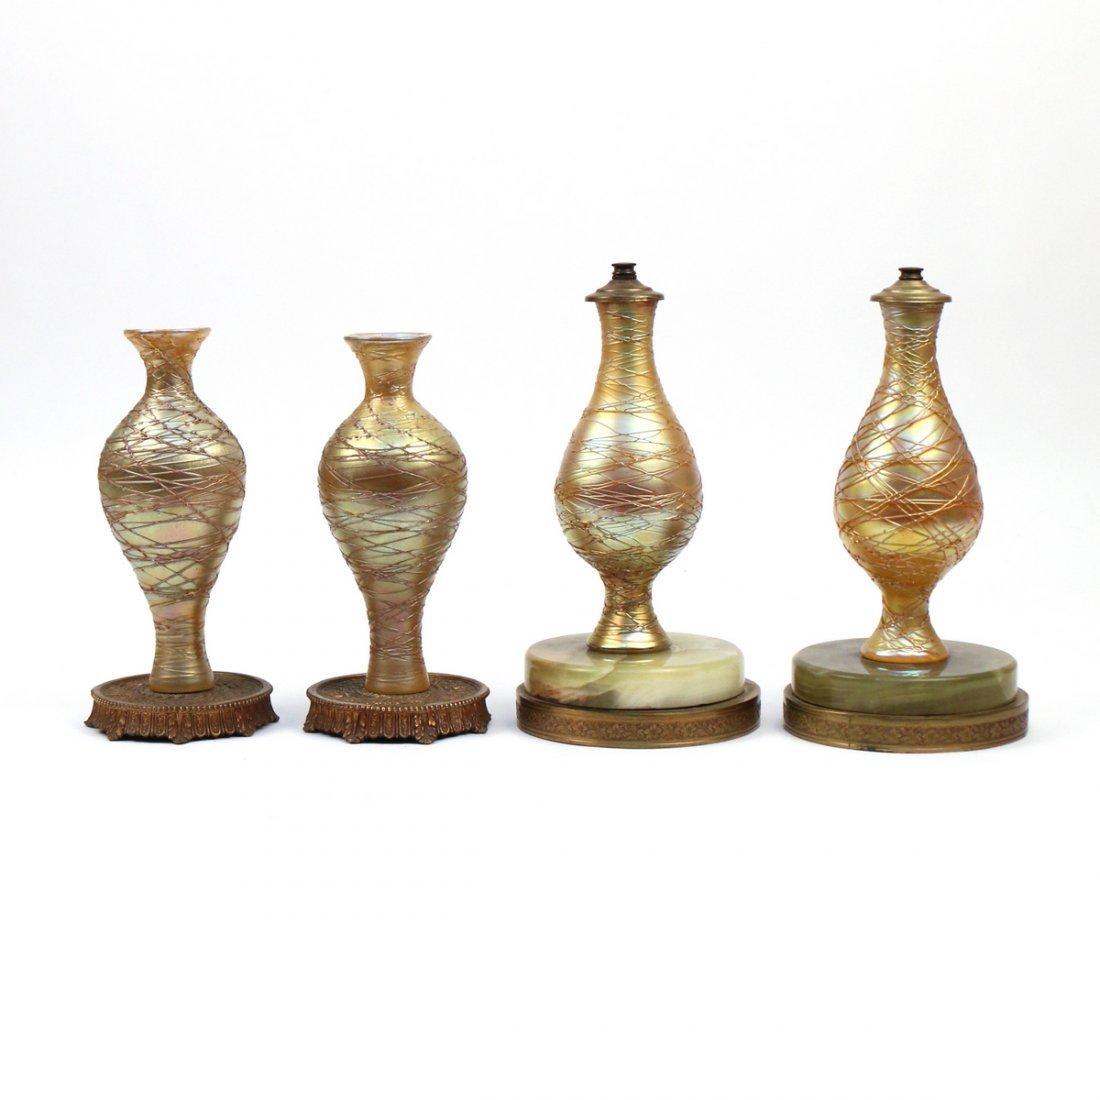 (4pc) IRIDESCENT ART GLASS LIGHT FIXTURES